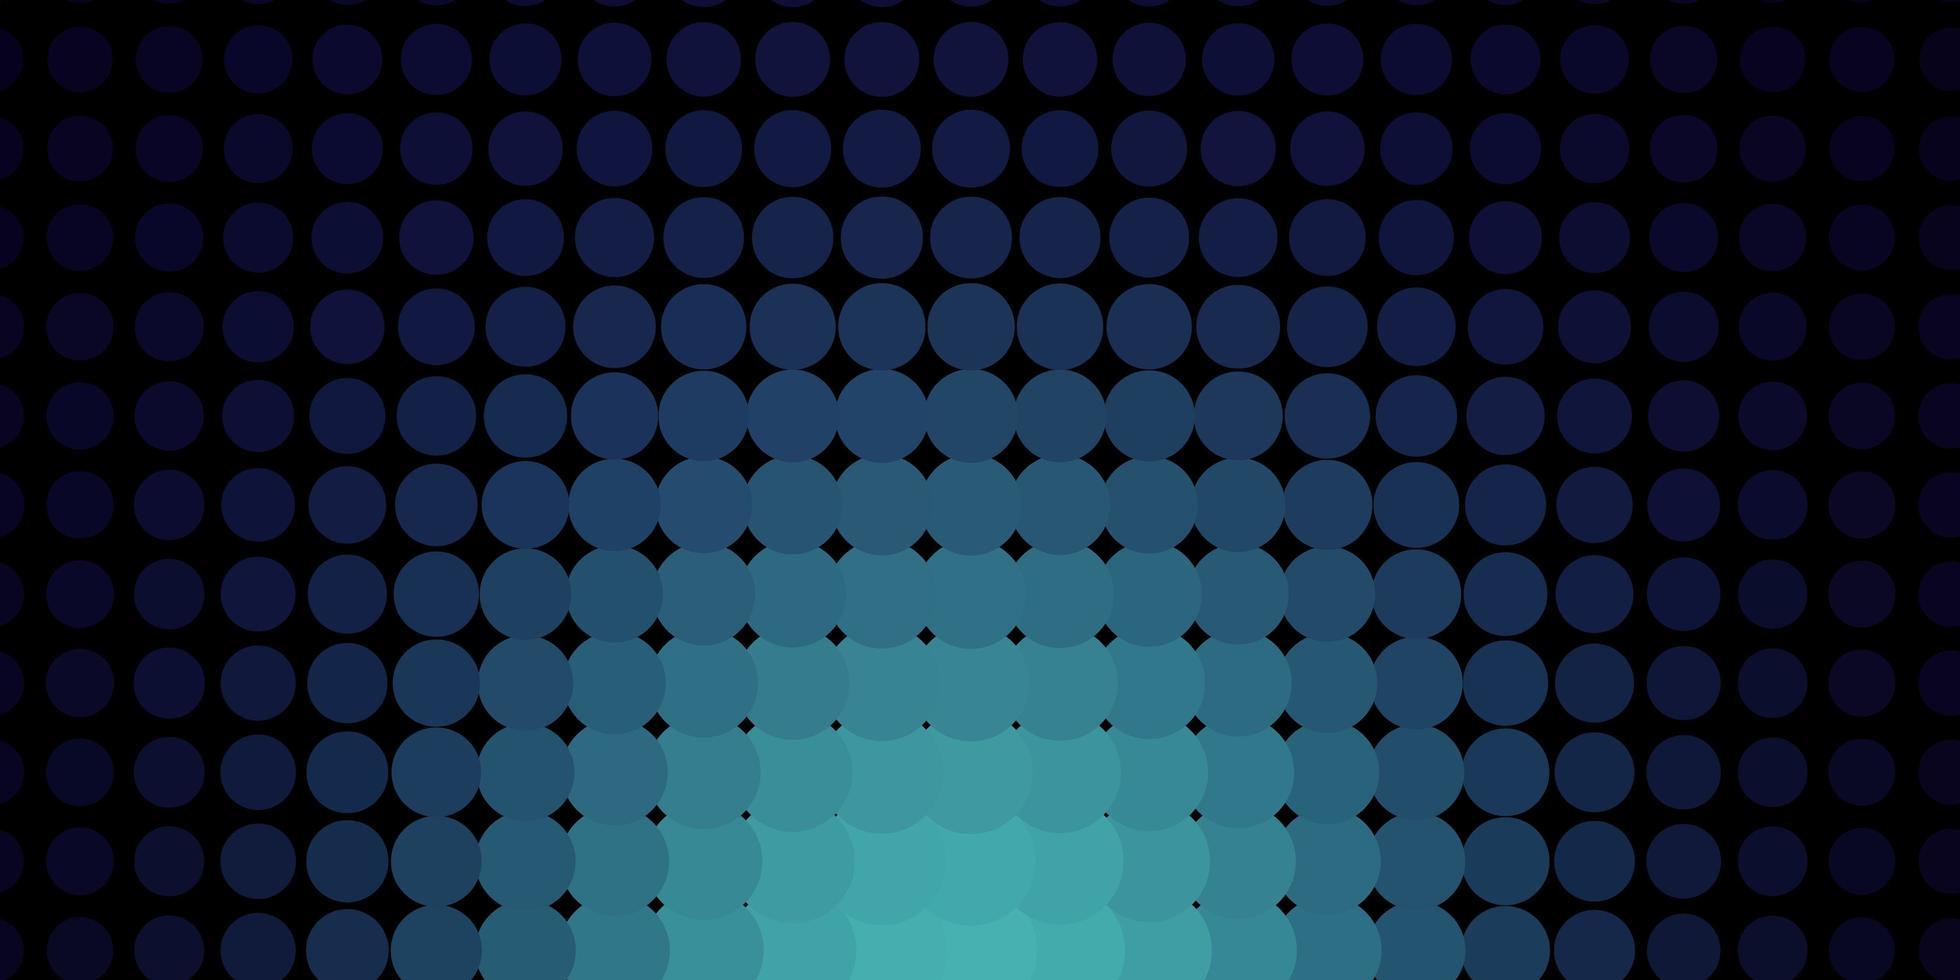 textura azul escura com discos. vetor